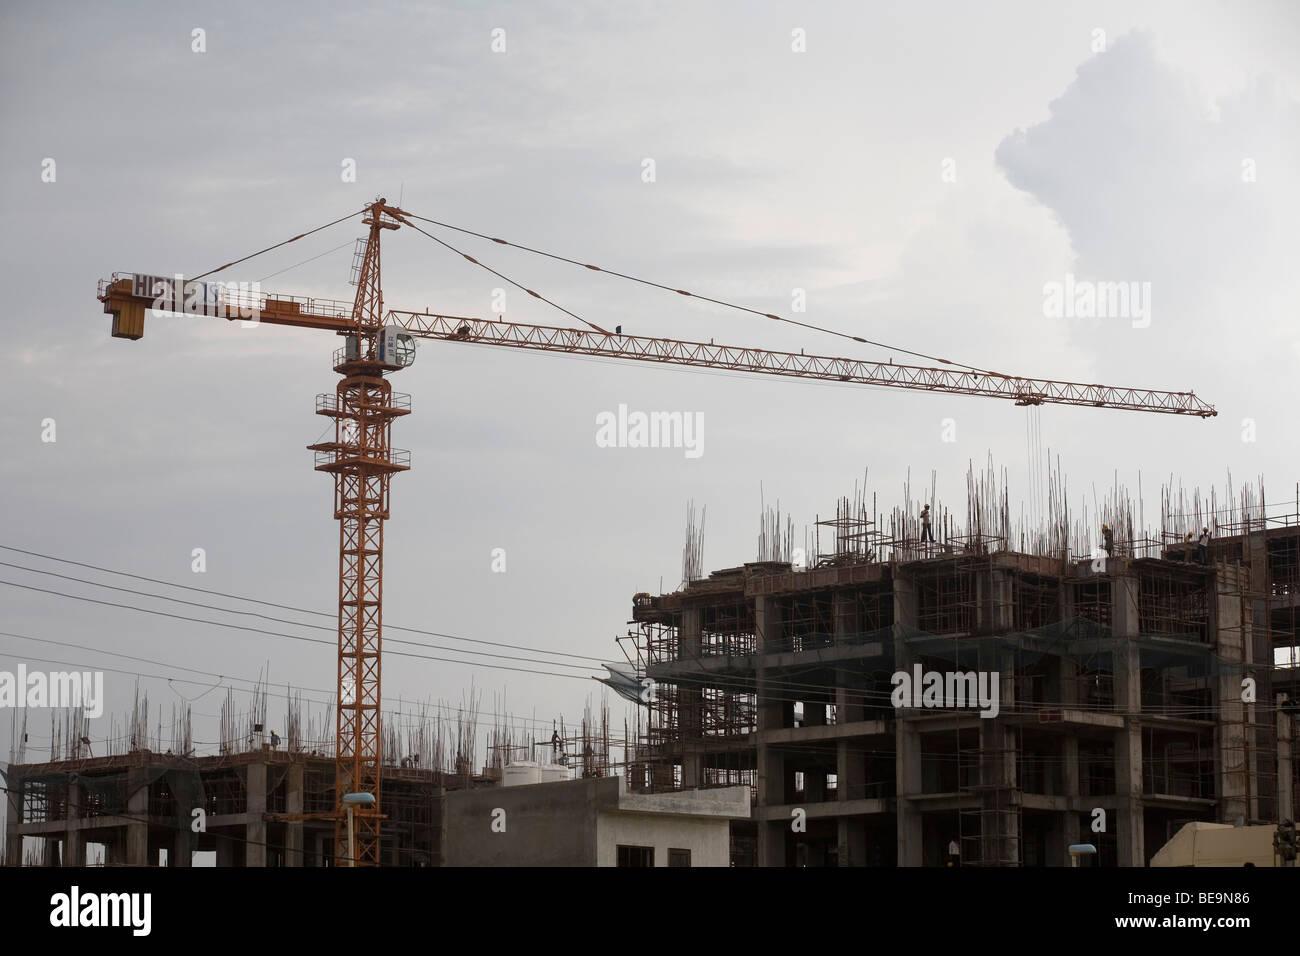 Un nuovo sito in costruzione in Gurgaon, India Immagini Stock